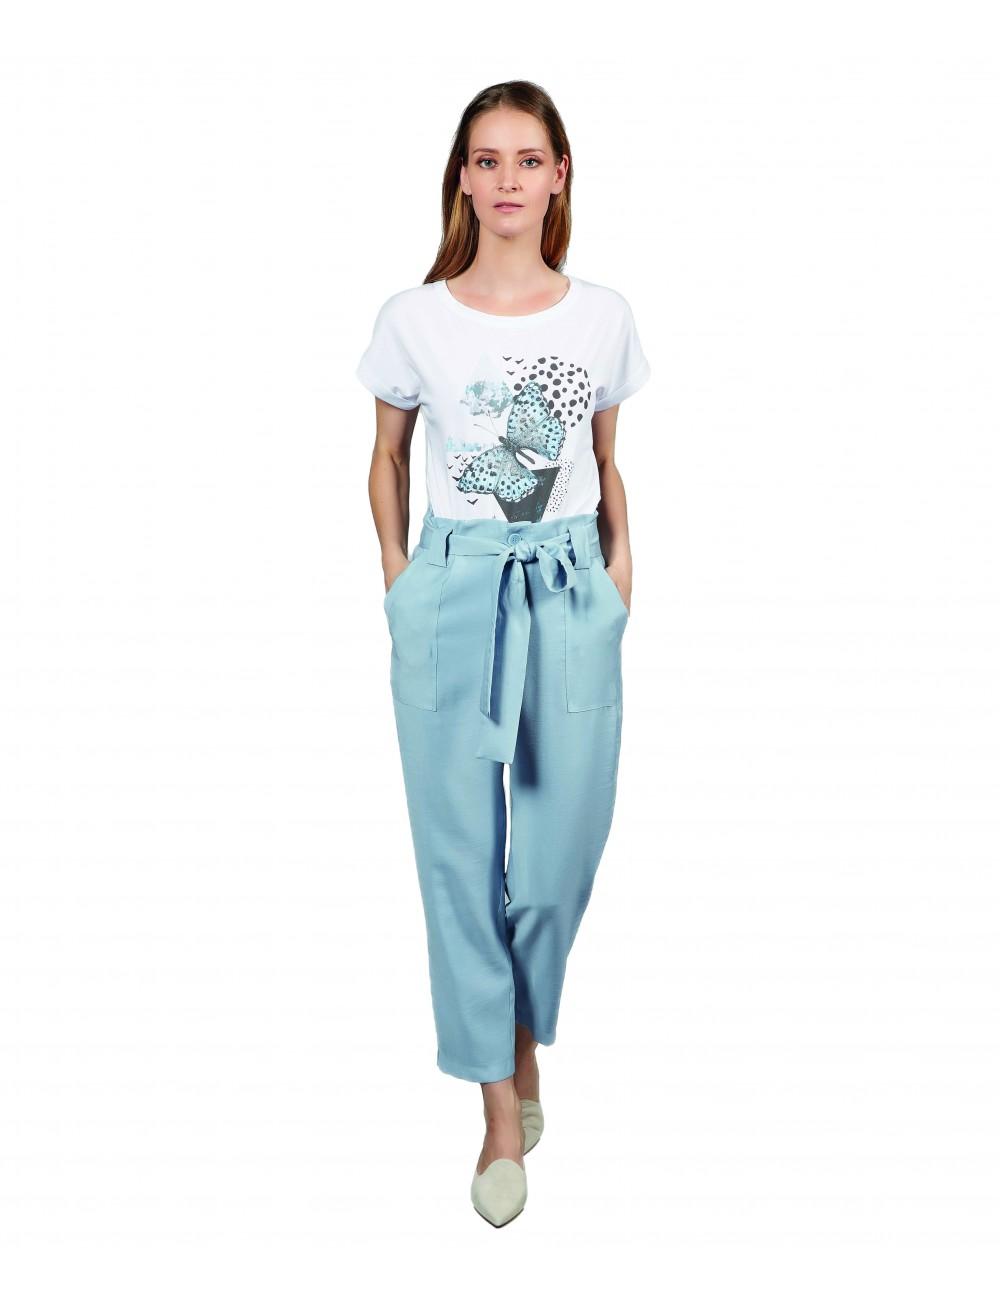 T-Shirt Donna In Cotone Manica Corta Con Stampa